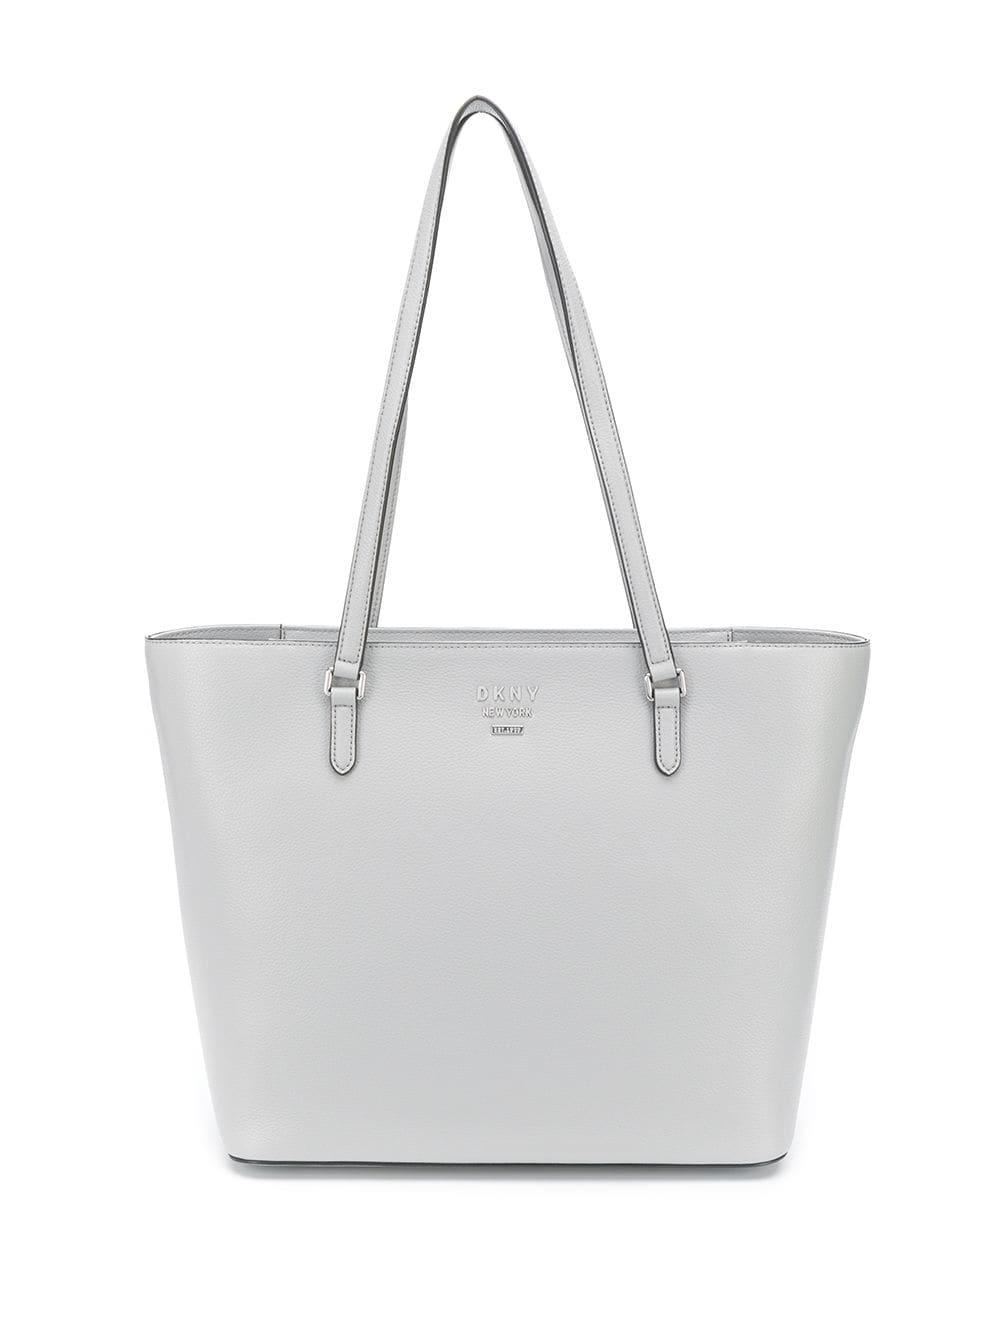 Whitney Large Leather Bag